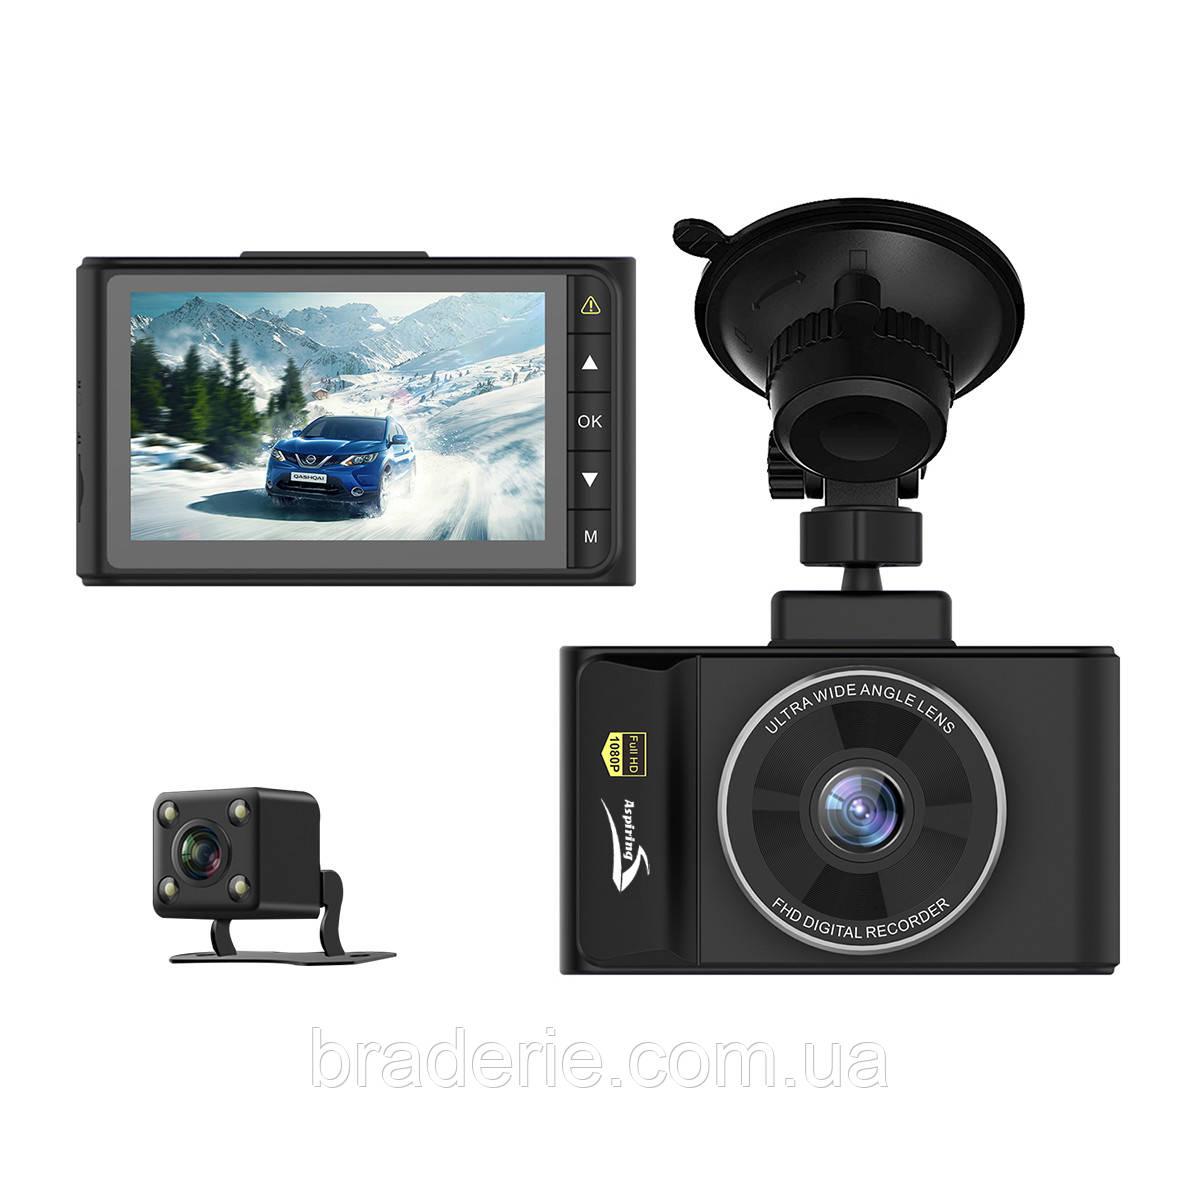 Автомобильный видеорегистратор Aspiring Proof 2 dual